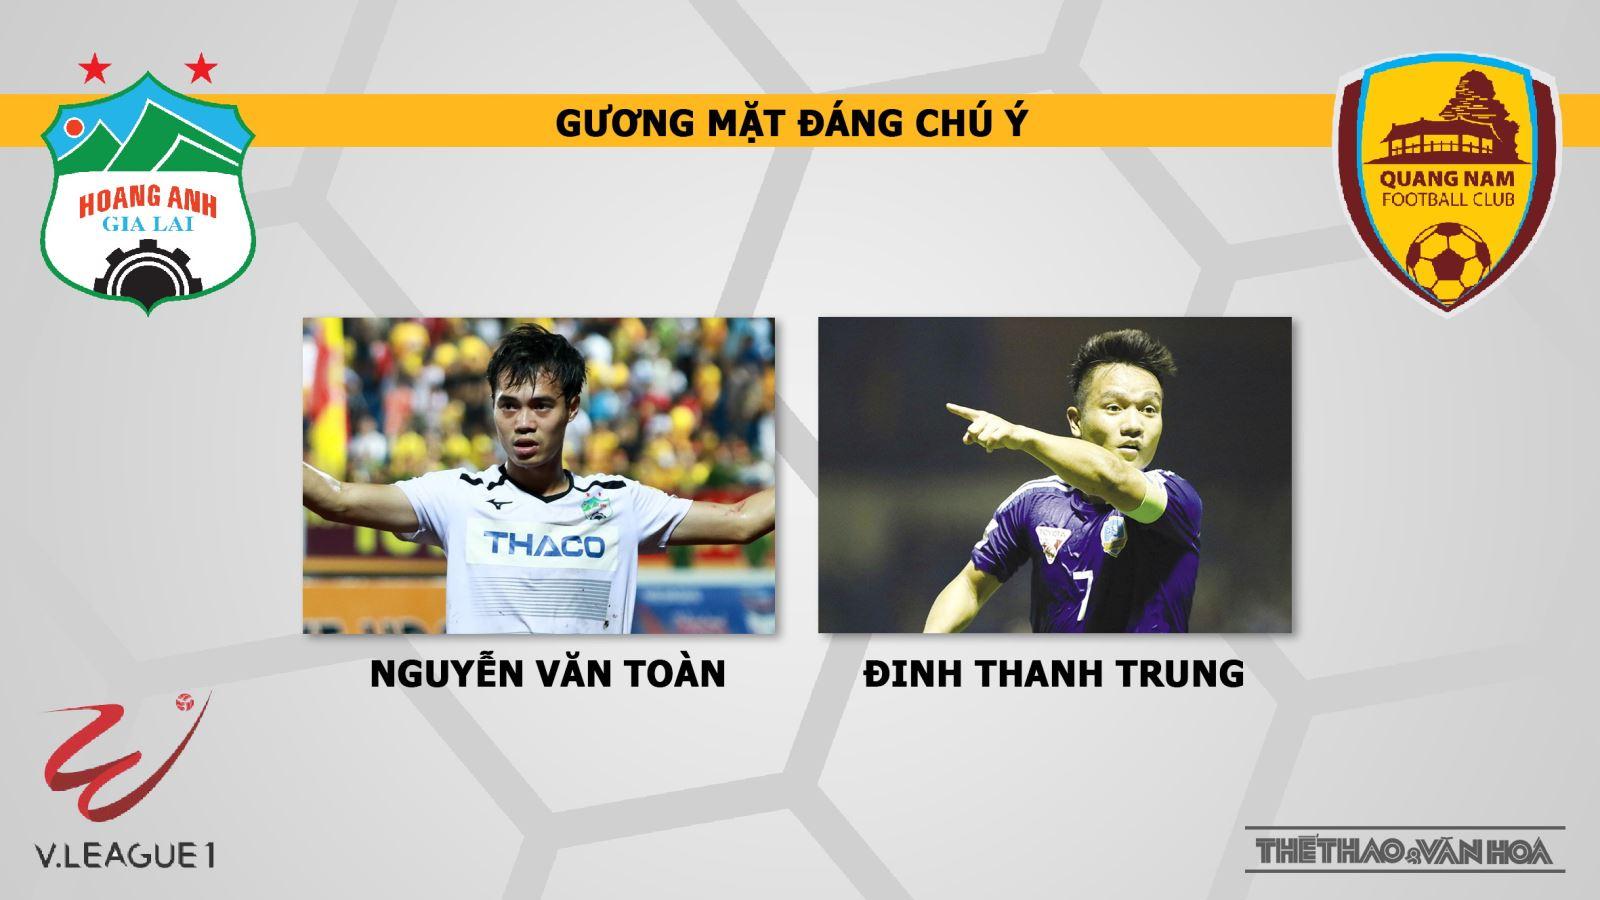 Hoàng Anh Gia Lai vs Quảng Nam, HAGL vs Quảng Nam, HAGL, Quảng Nam, soi kèo, kèo bóng đá, dự đoán, nhận định HAGL vs Quảng Nam